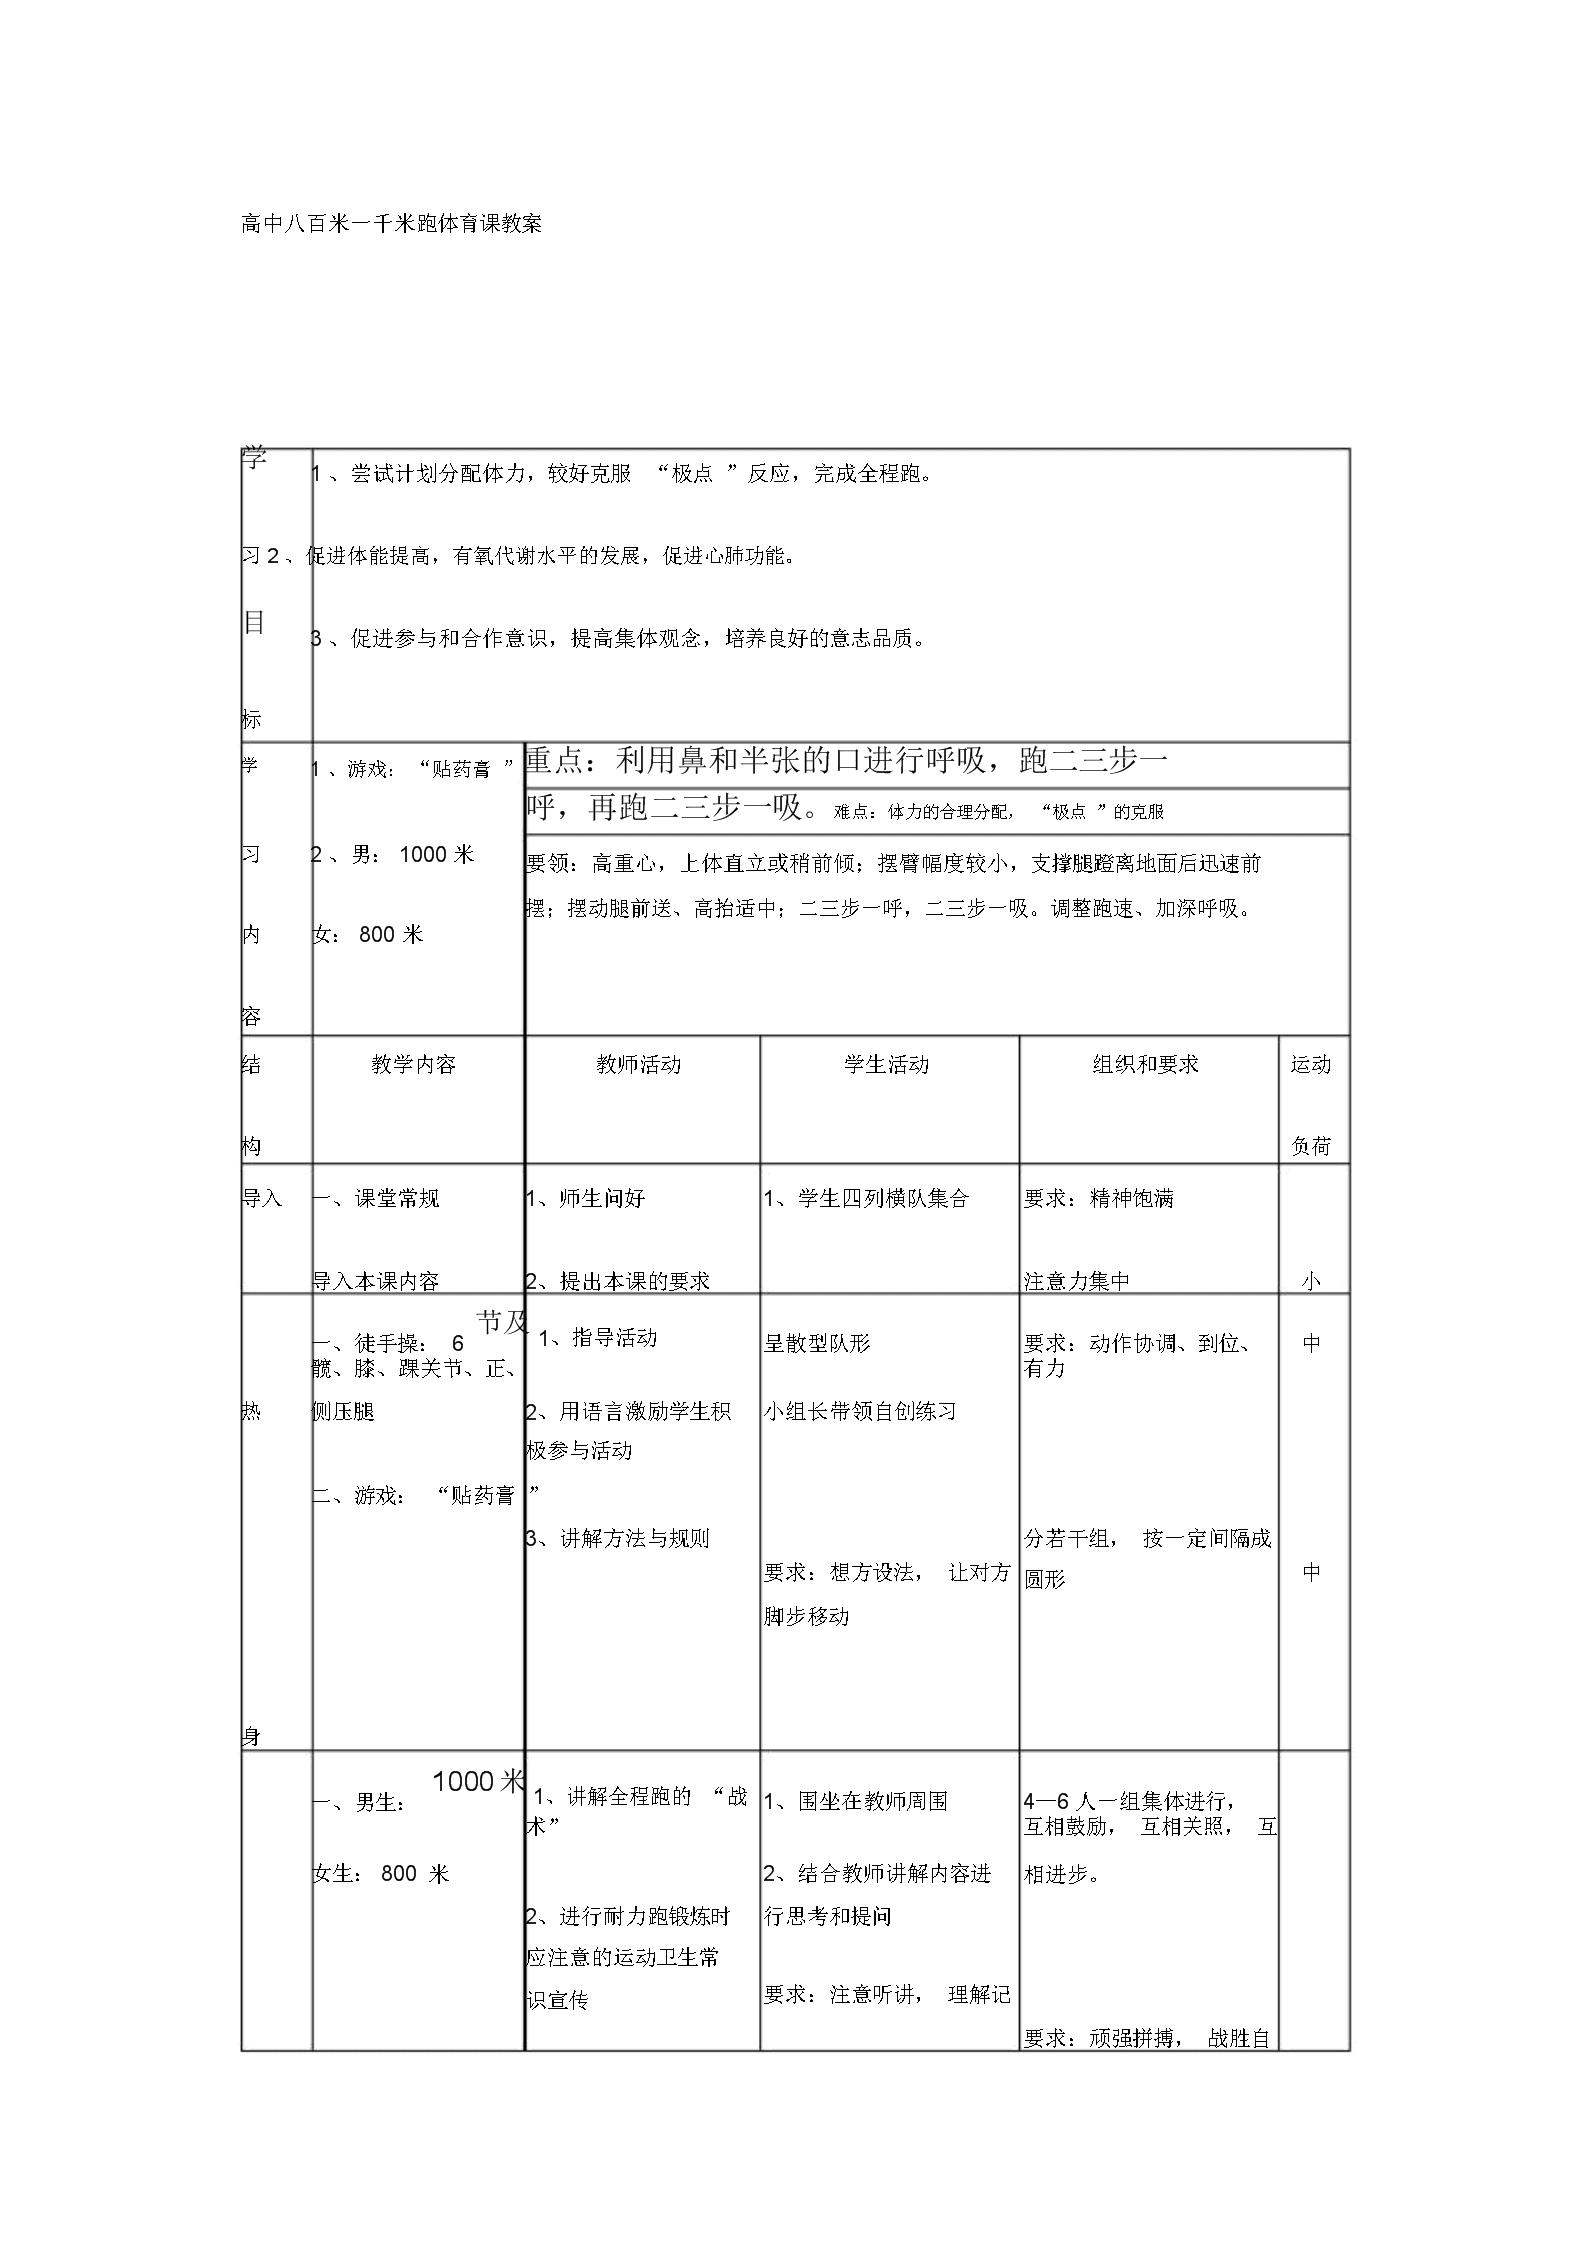 (完整word版)高中八百米一千米跑体育课教案.docx